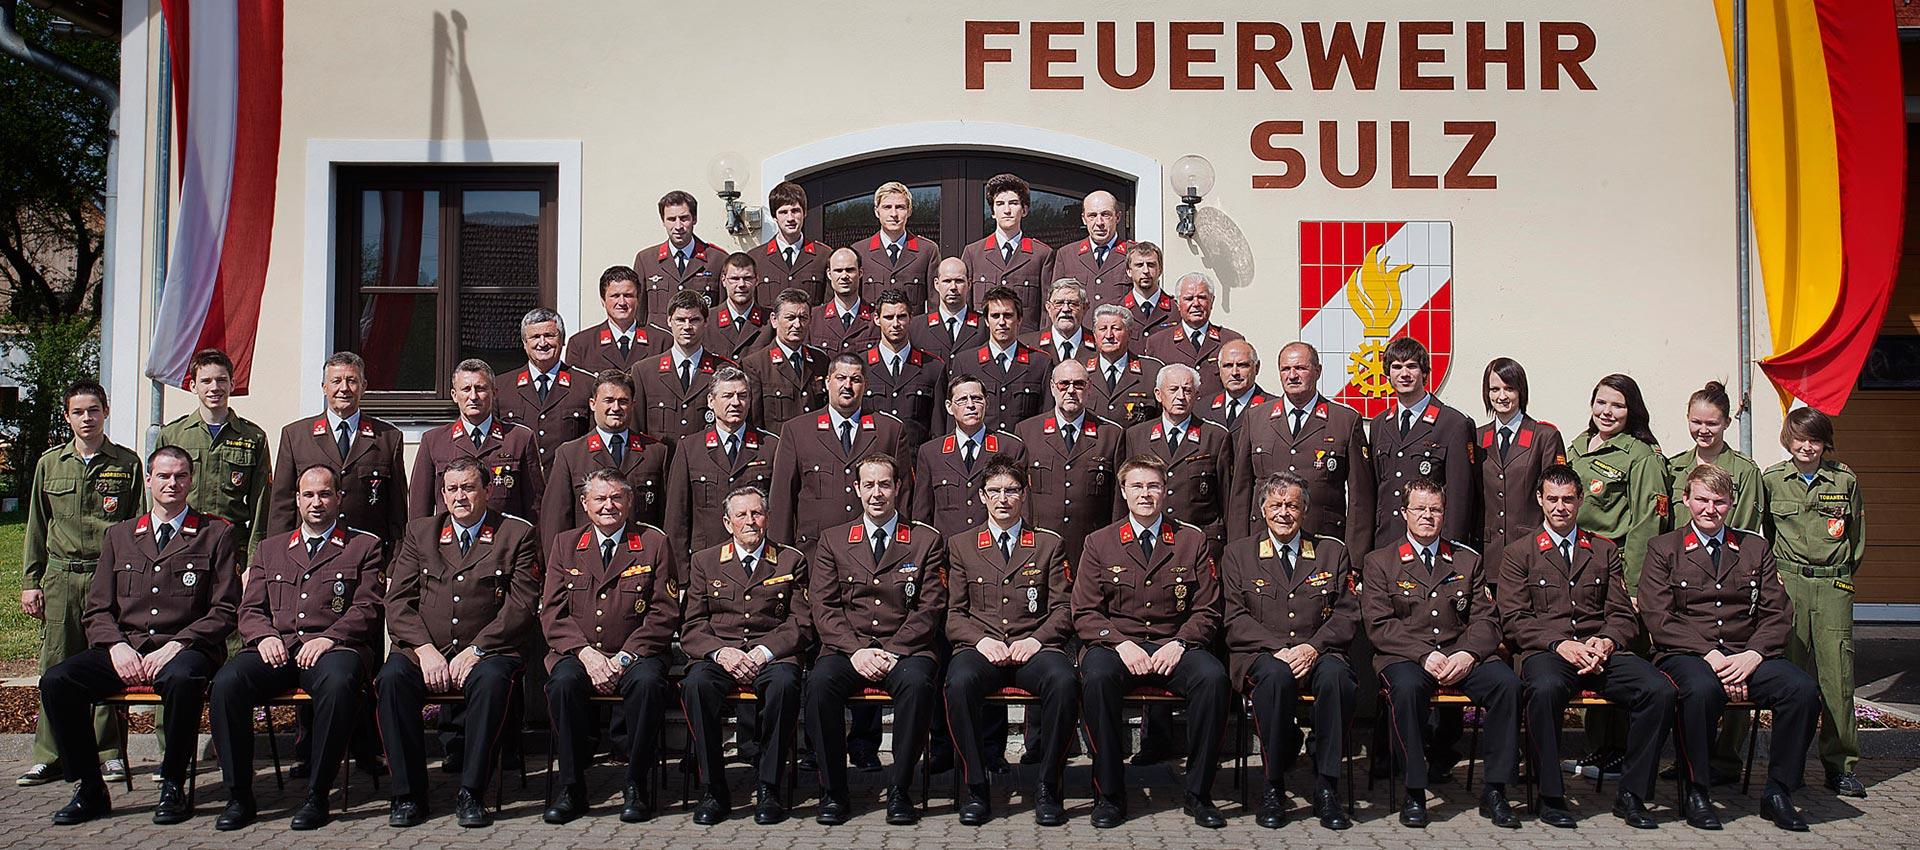 ff_sulz_mannschaftsfoto